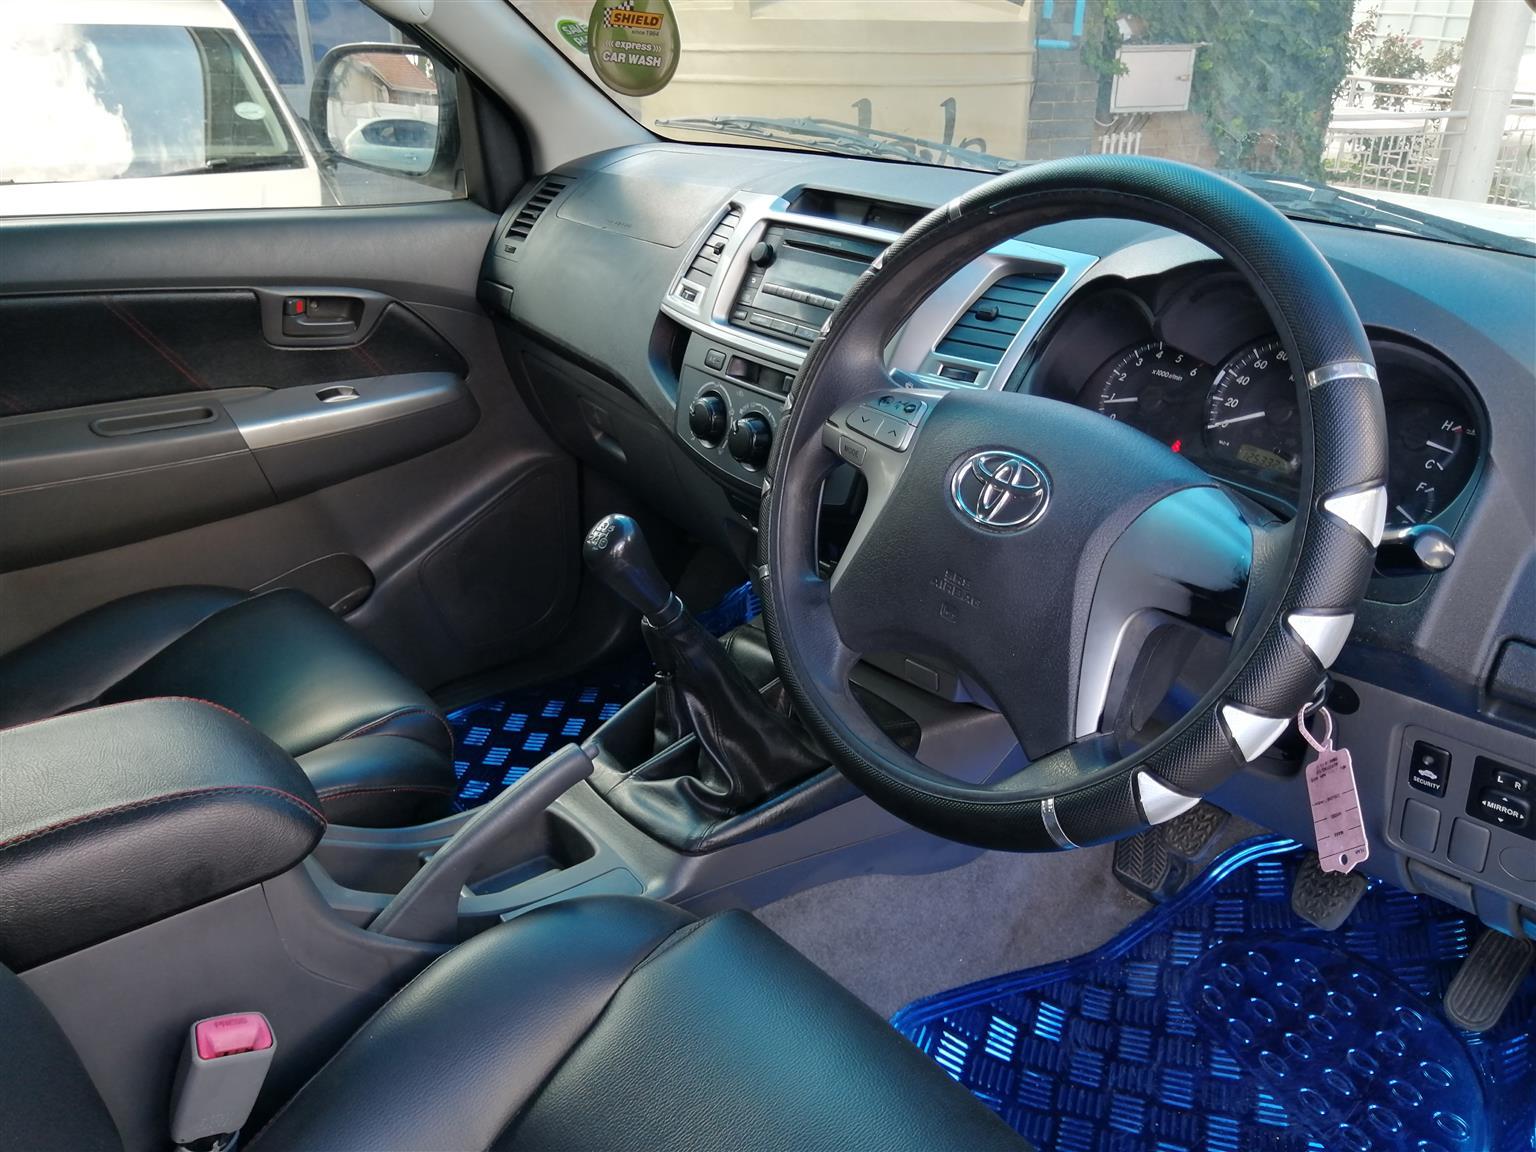 2012 Toyota Hilux 2.5D 4D double cab 4x4 SRX